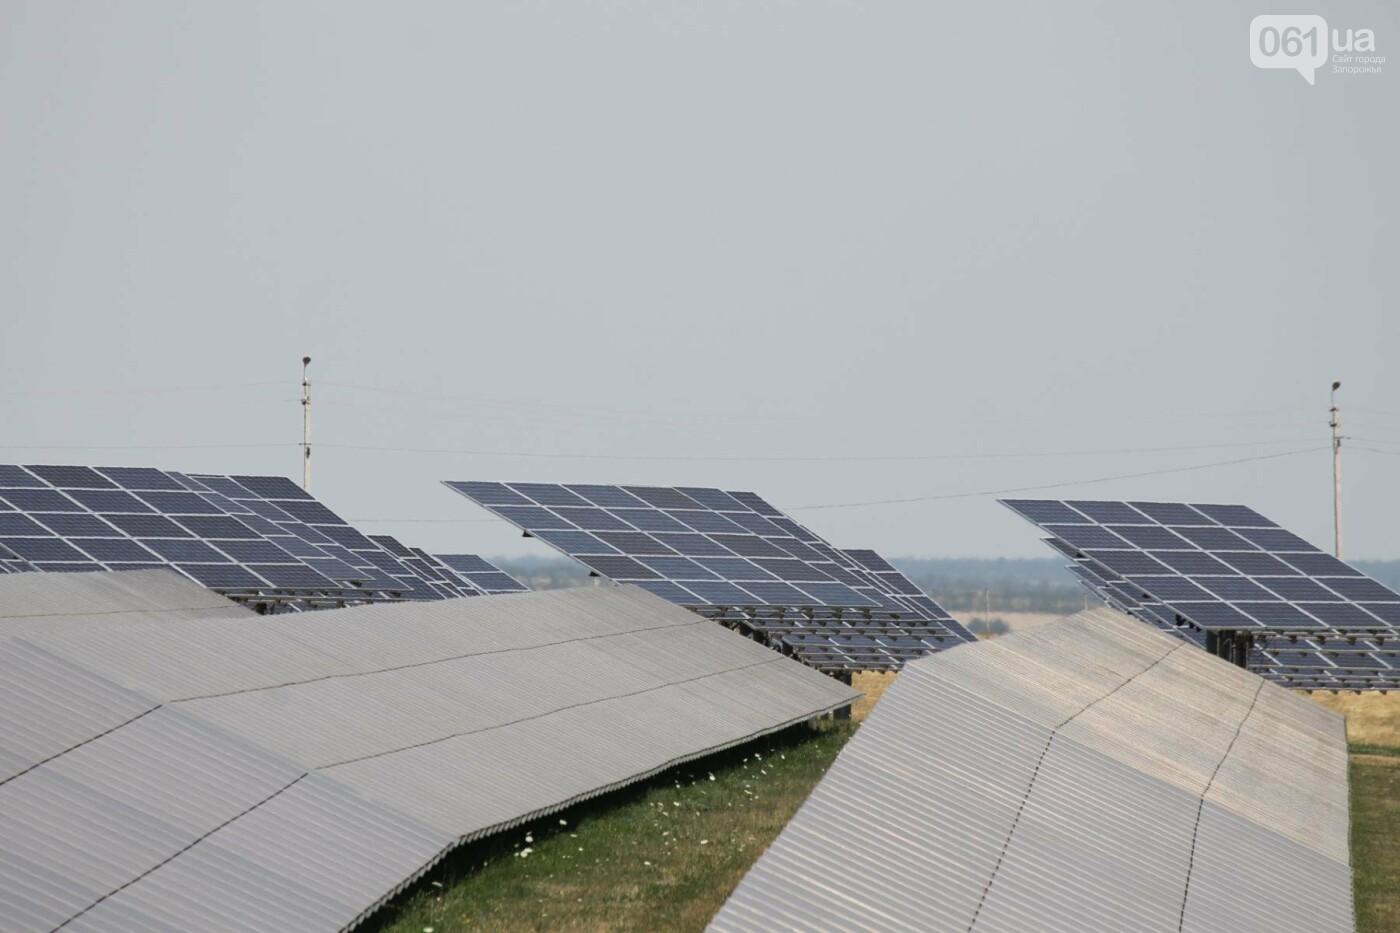 Как в Запорожской области работает крупнейшая в Украине солнечная станция: экскурсия на производство, — ФОТОРЕПОРТАЖ, фото-42